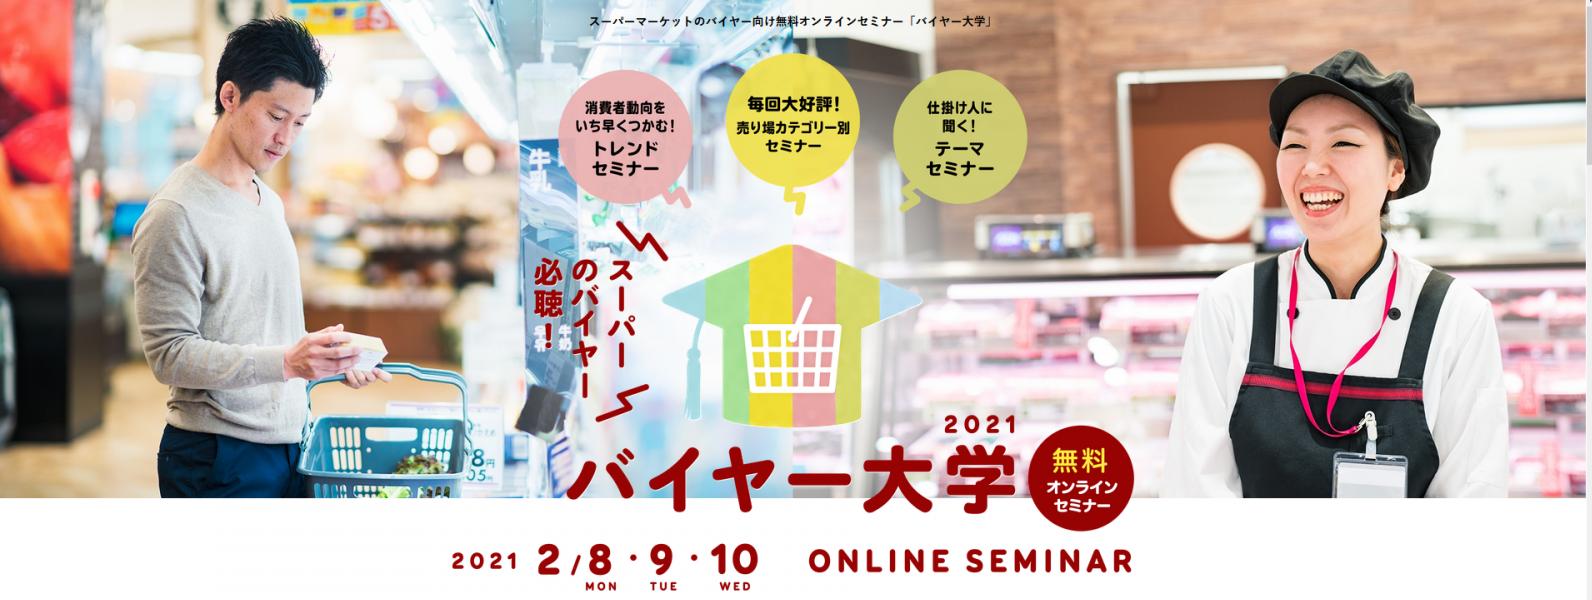 SMTSに先駆けて「バイヤー大学 2021」惣菜・冷食は2月8日午後:無料オンラインセミナー